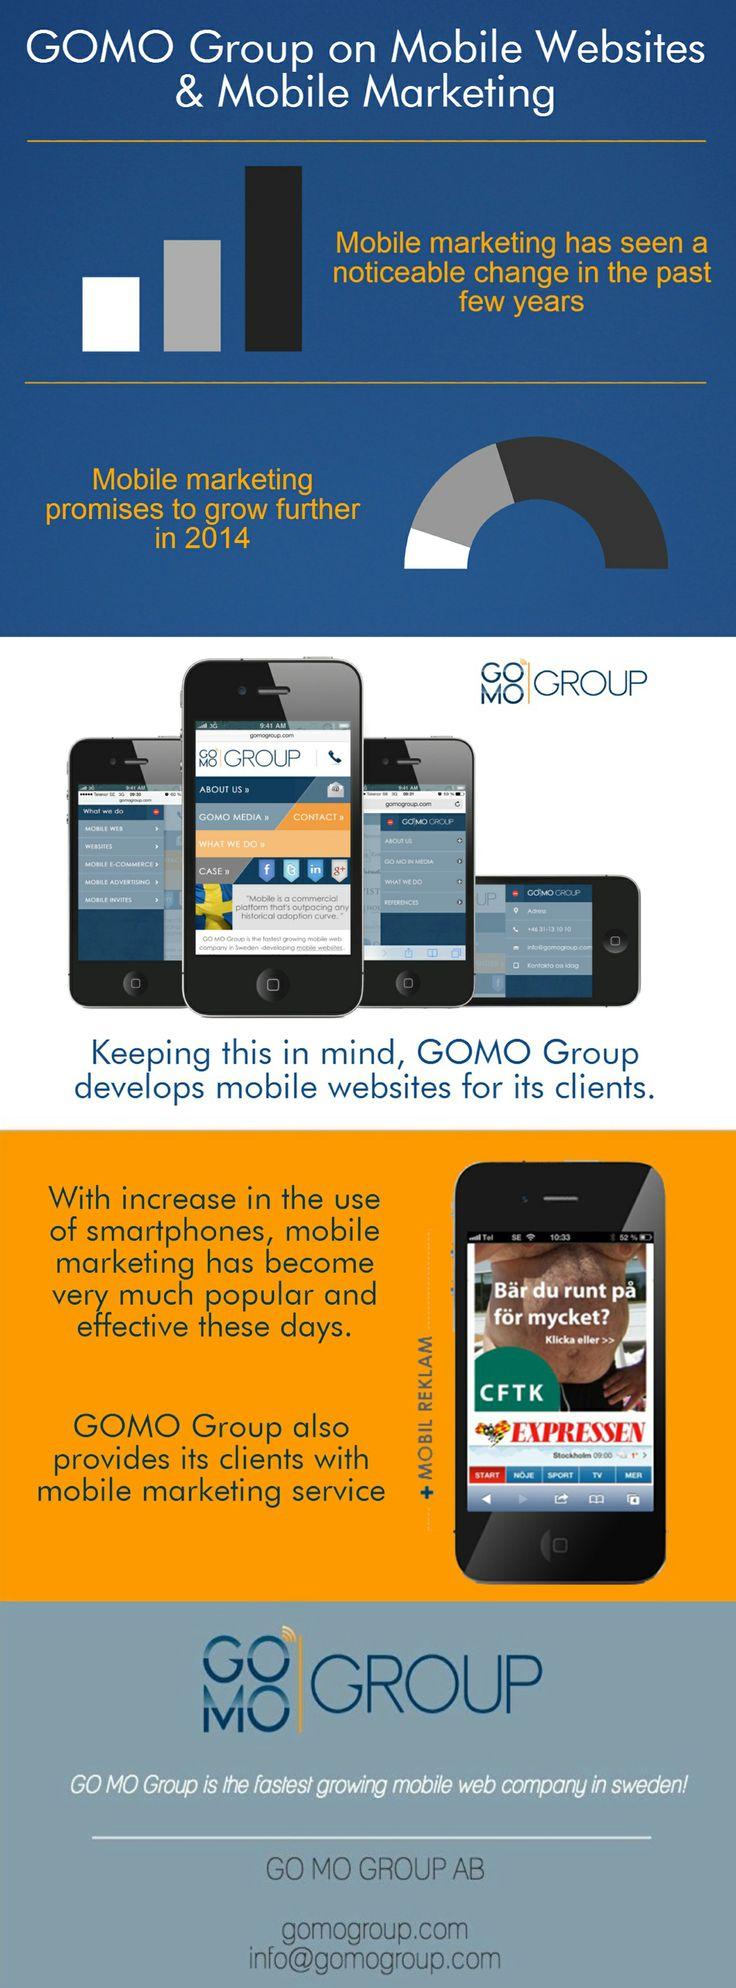 GOMO Group är ledande i Sverige inom utveckling av mobila webbplatser. GOMO Group erbjuder sina kunder strategisk rådgivning inom mobil marknadsföring.